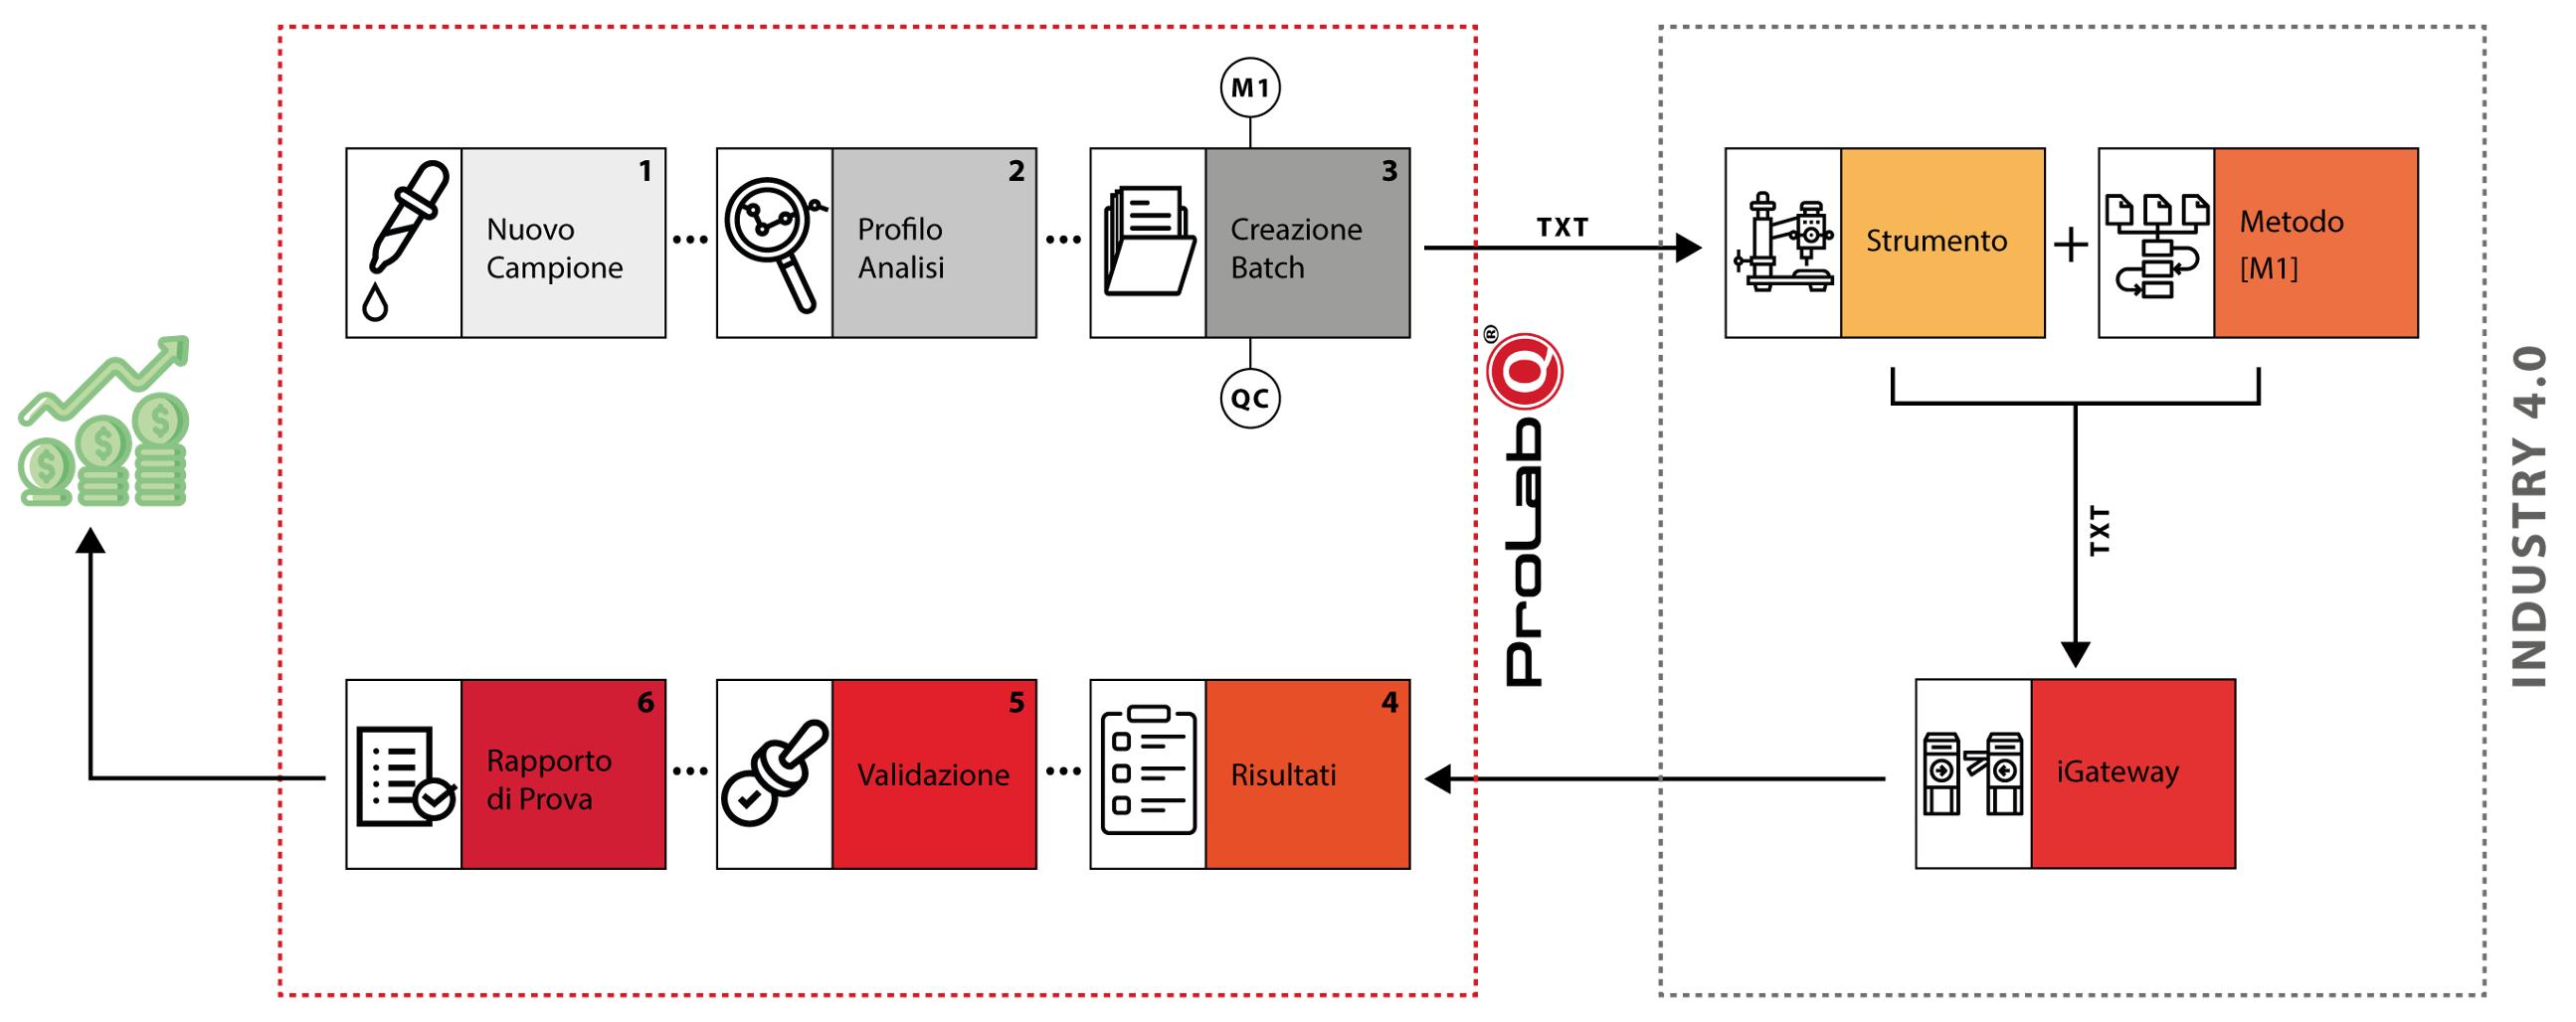 Ottieni piena bidirezionalità tra il LIMS e gli strumenti grazie al modulo Batch di Prolab.Q LIMS